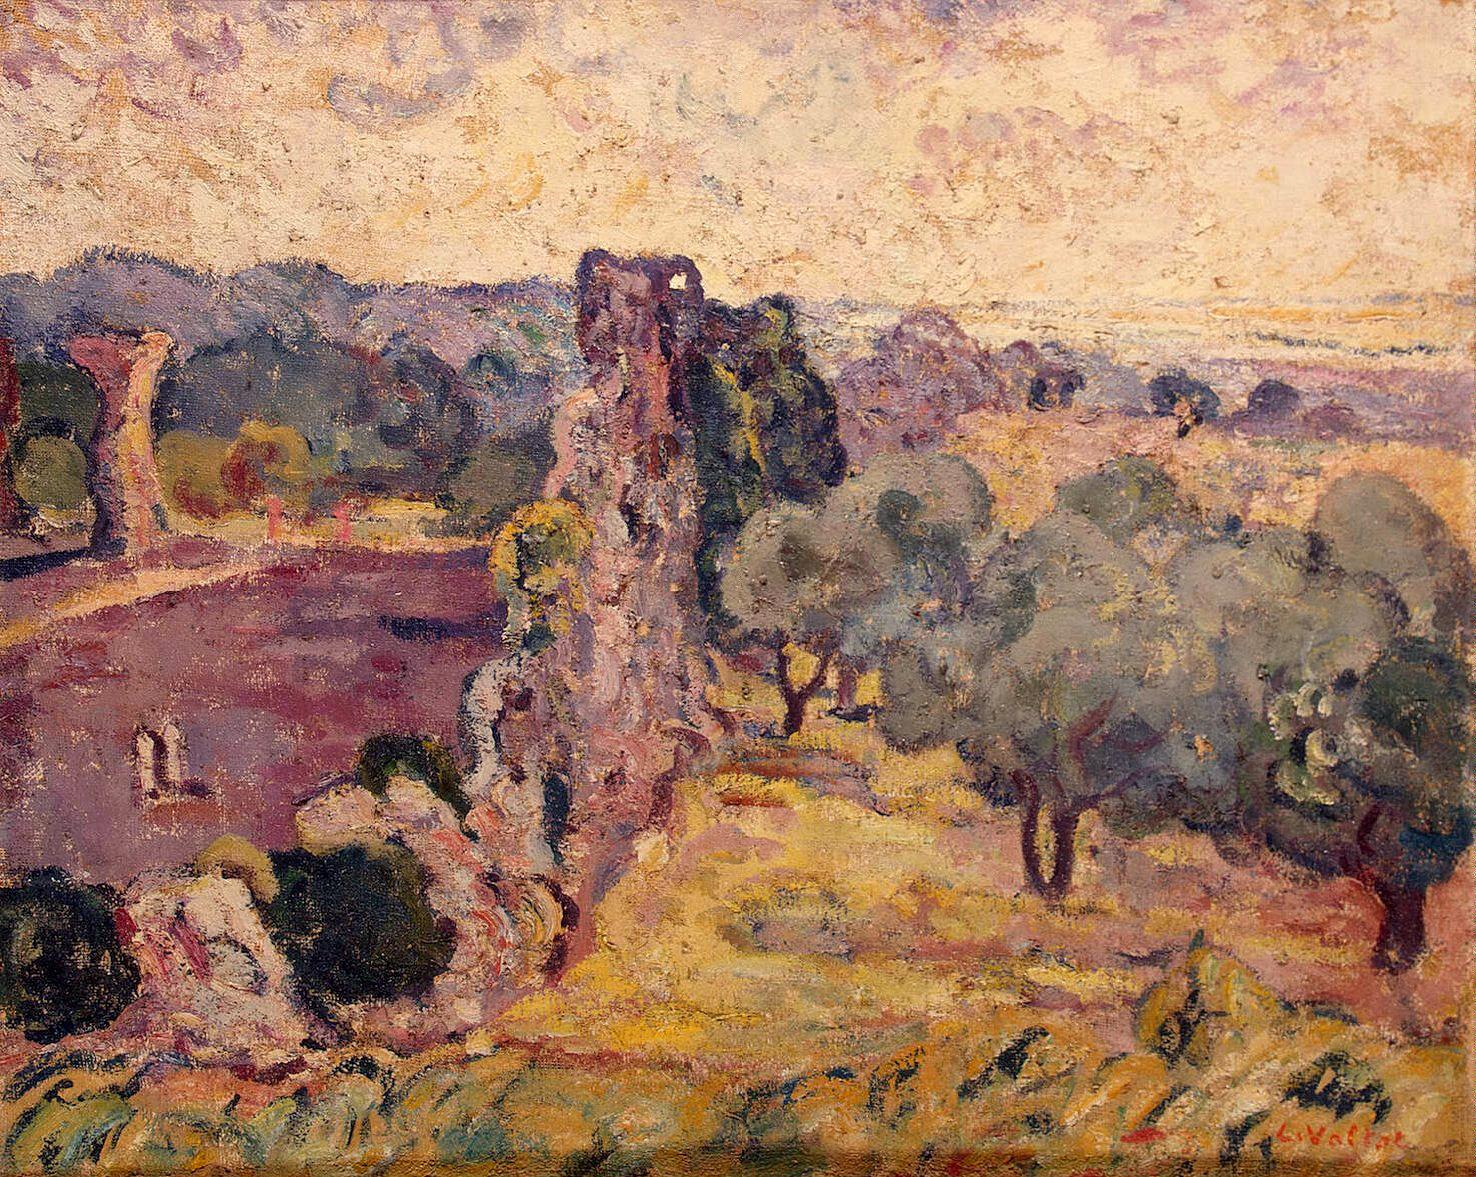 Landscape Of The South Of France C 1908 Louis Valtat